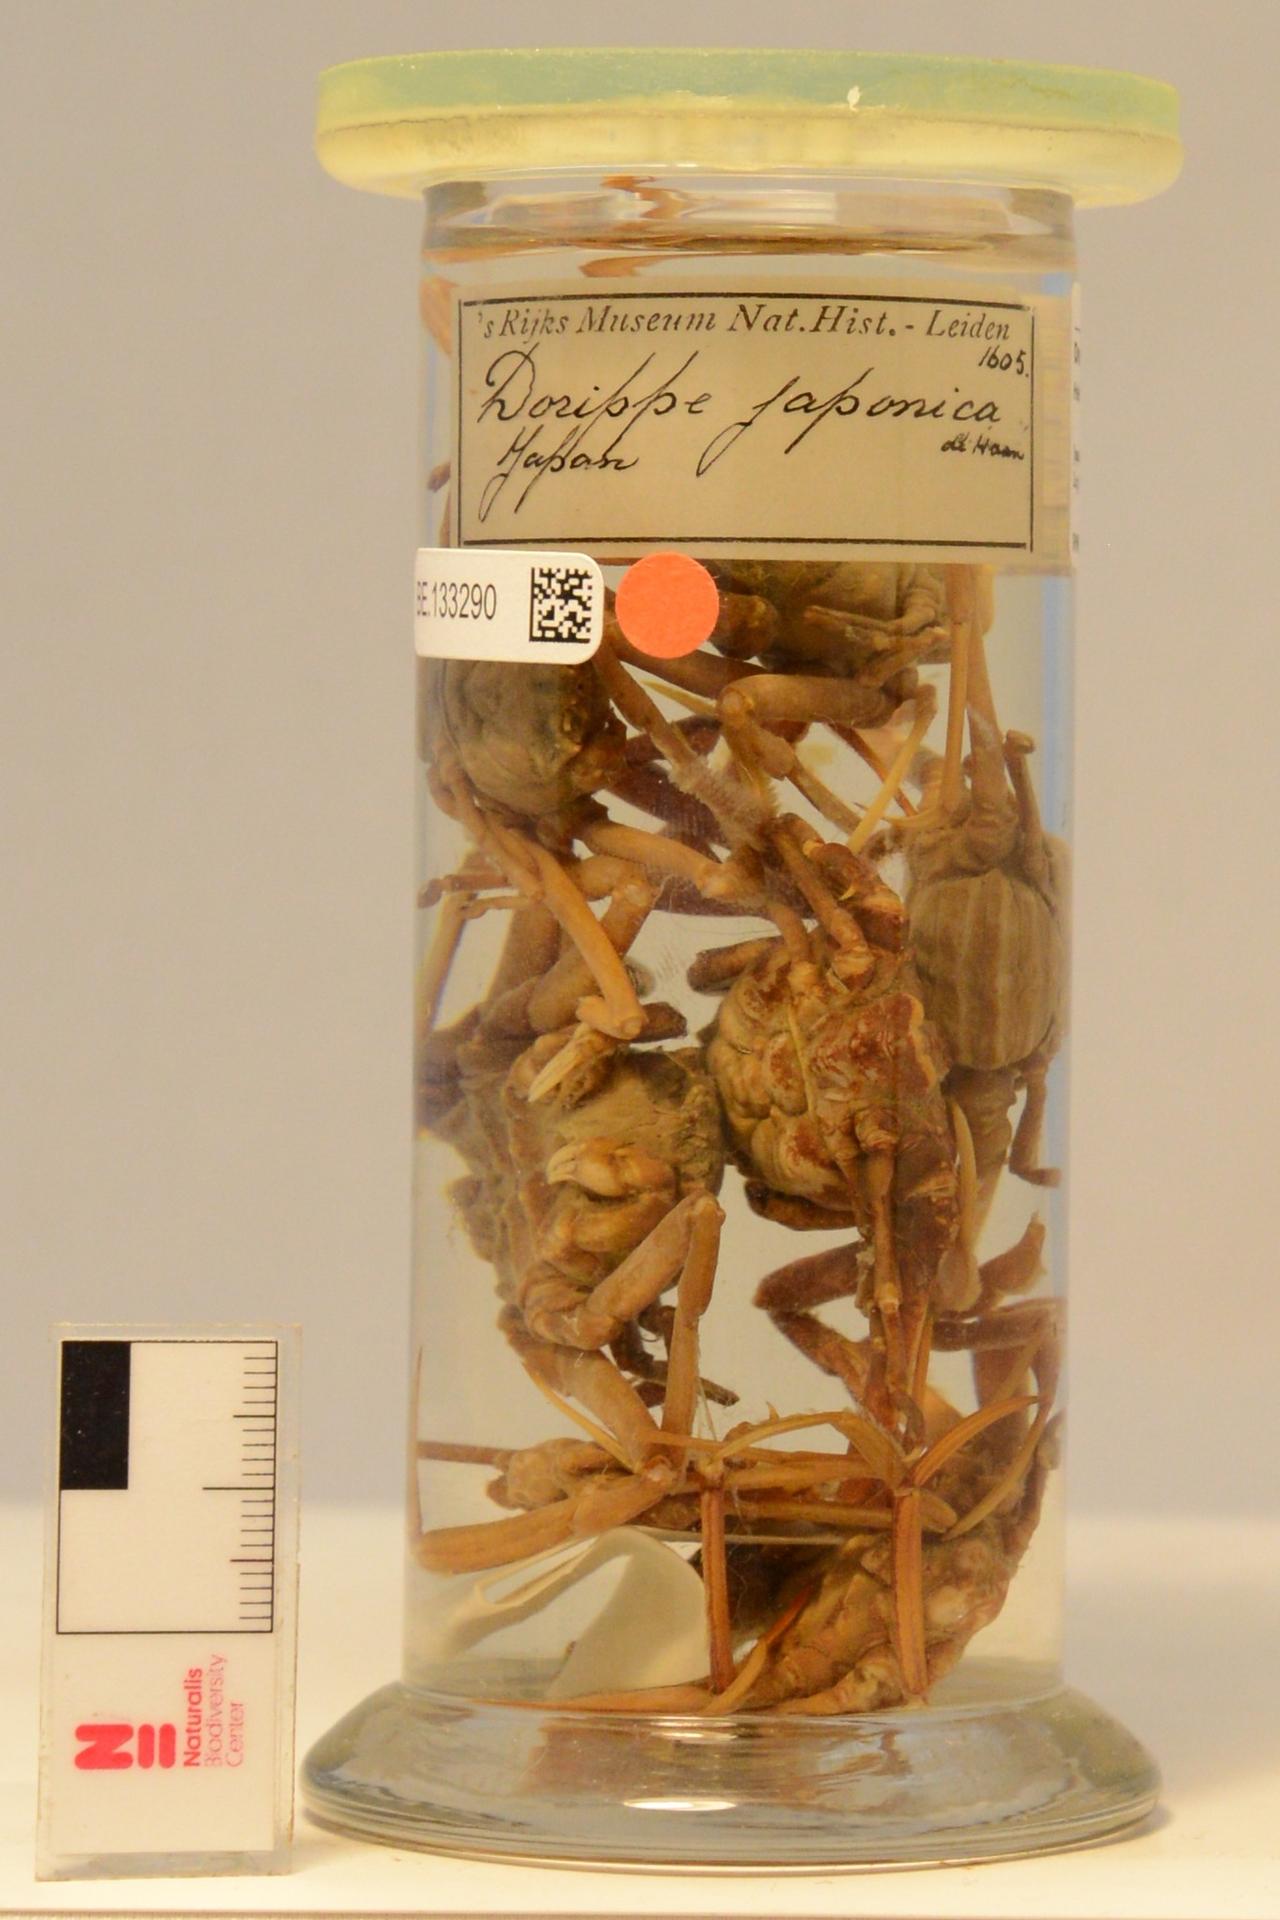 RMNH.CRUS.D.1605 | Heikea japonica (Von Siebold, 1824)